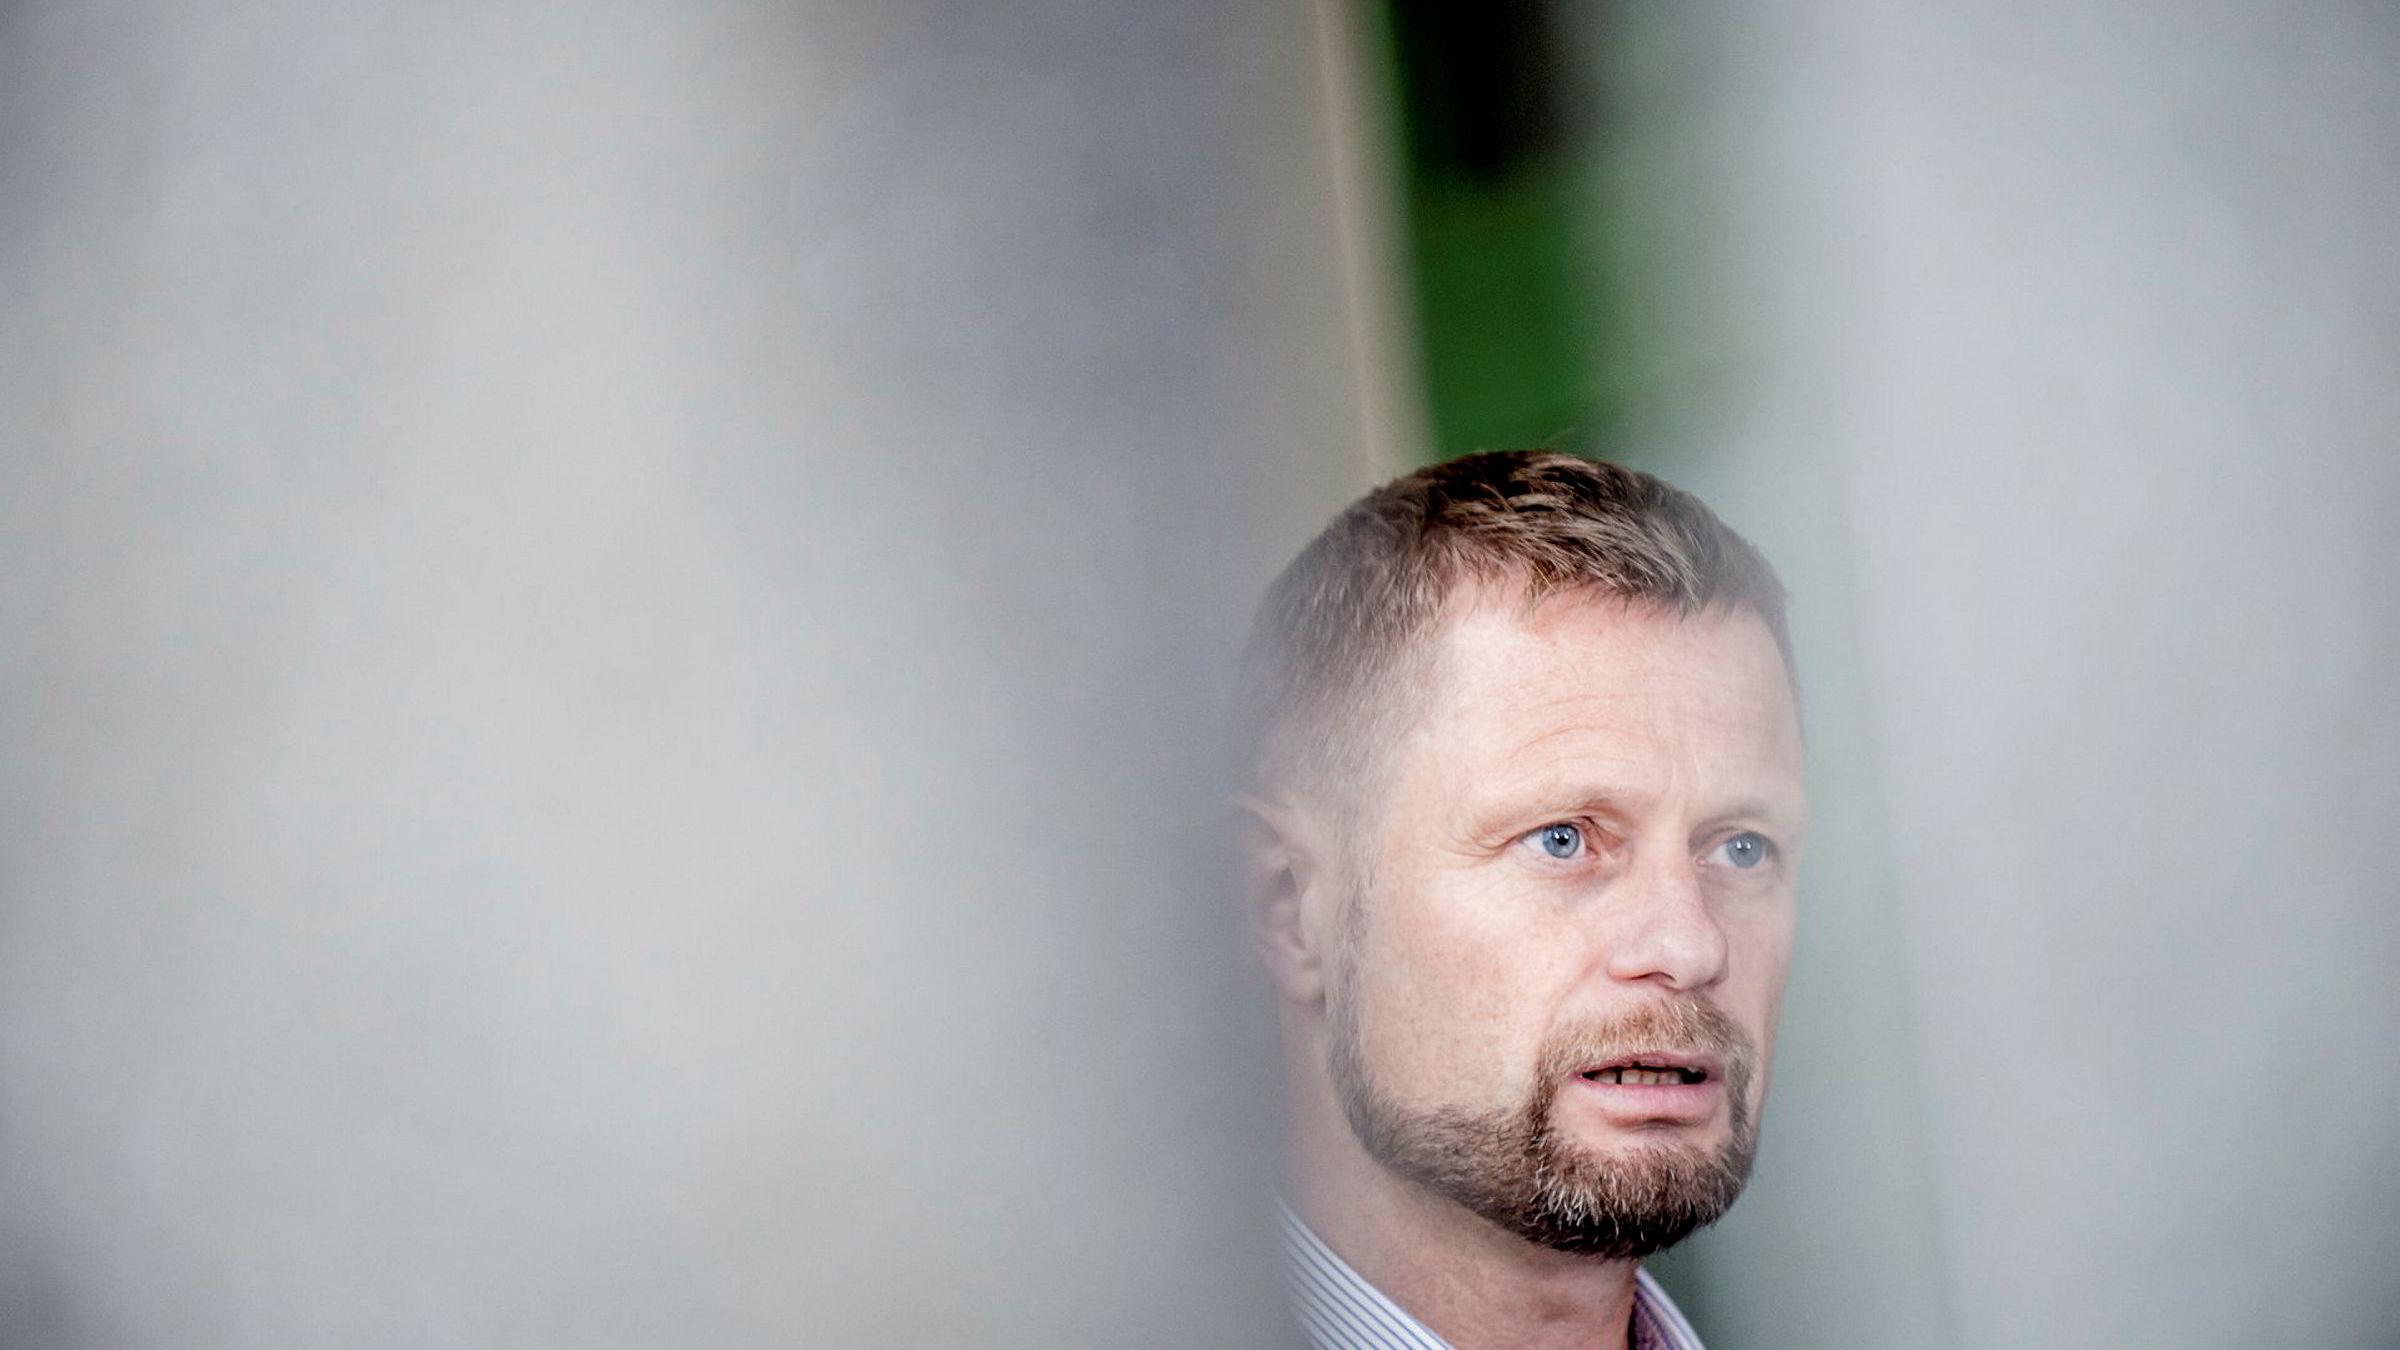 Helseminister Bent Høie mener nå at det nå er lederne på sykehusenes ansvar å bruke sykehussektorens årlige medarbeiderundersøkelse for å sette i gang forbedringsarbeid.